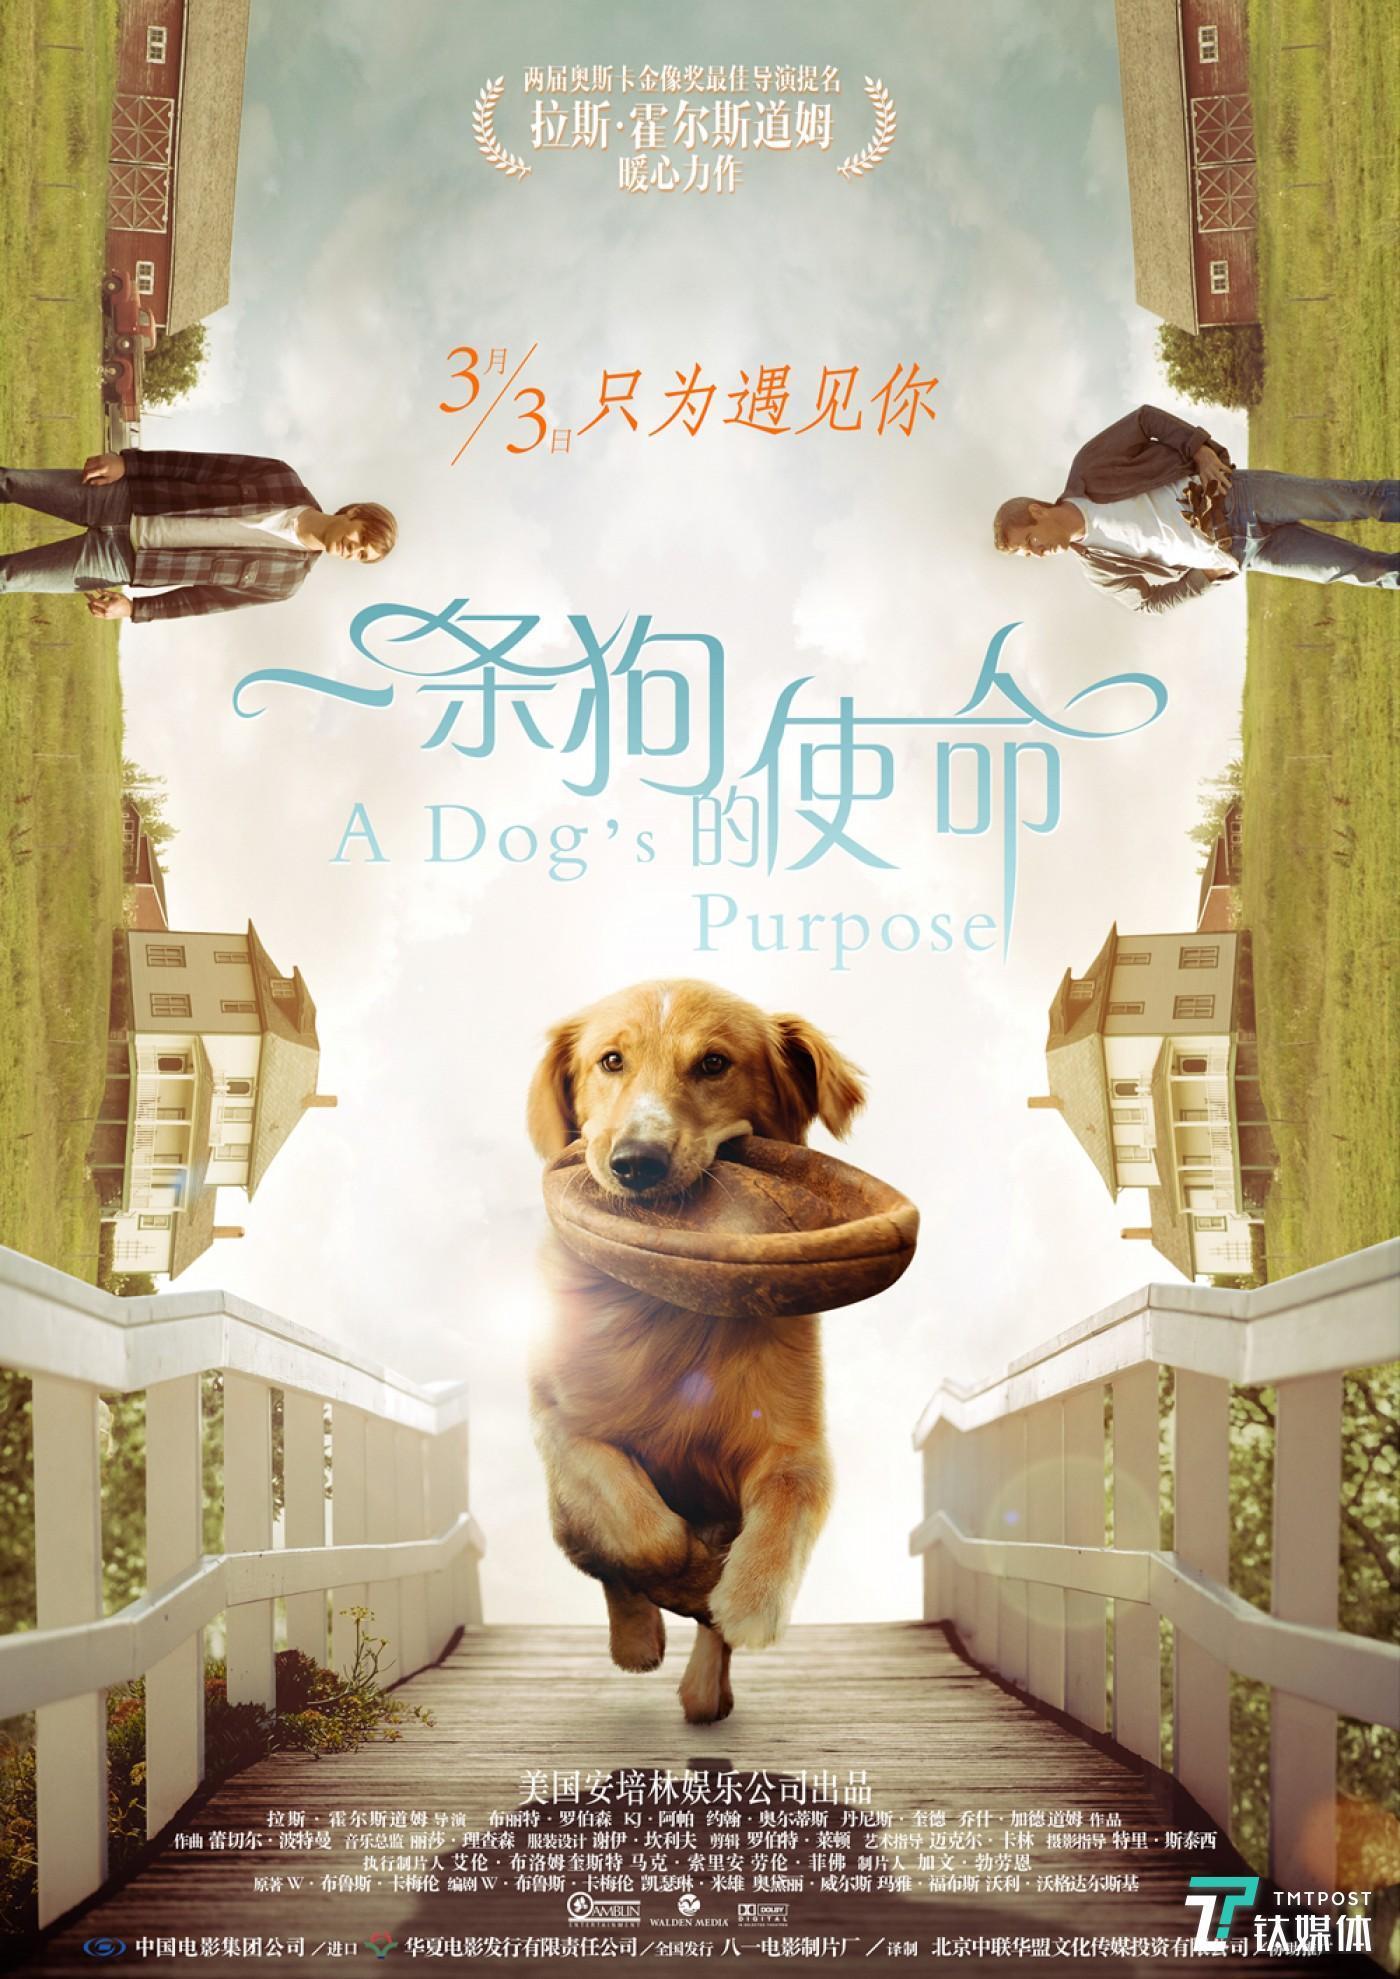 《一条狗的使命》导演获得过两届奥斯卡最佳导演奖提名